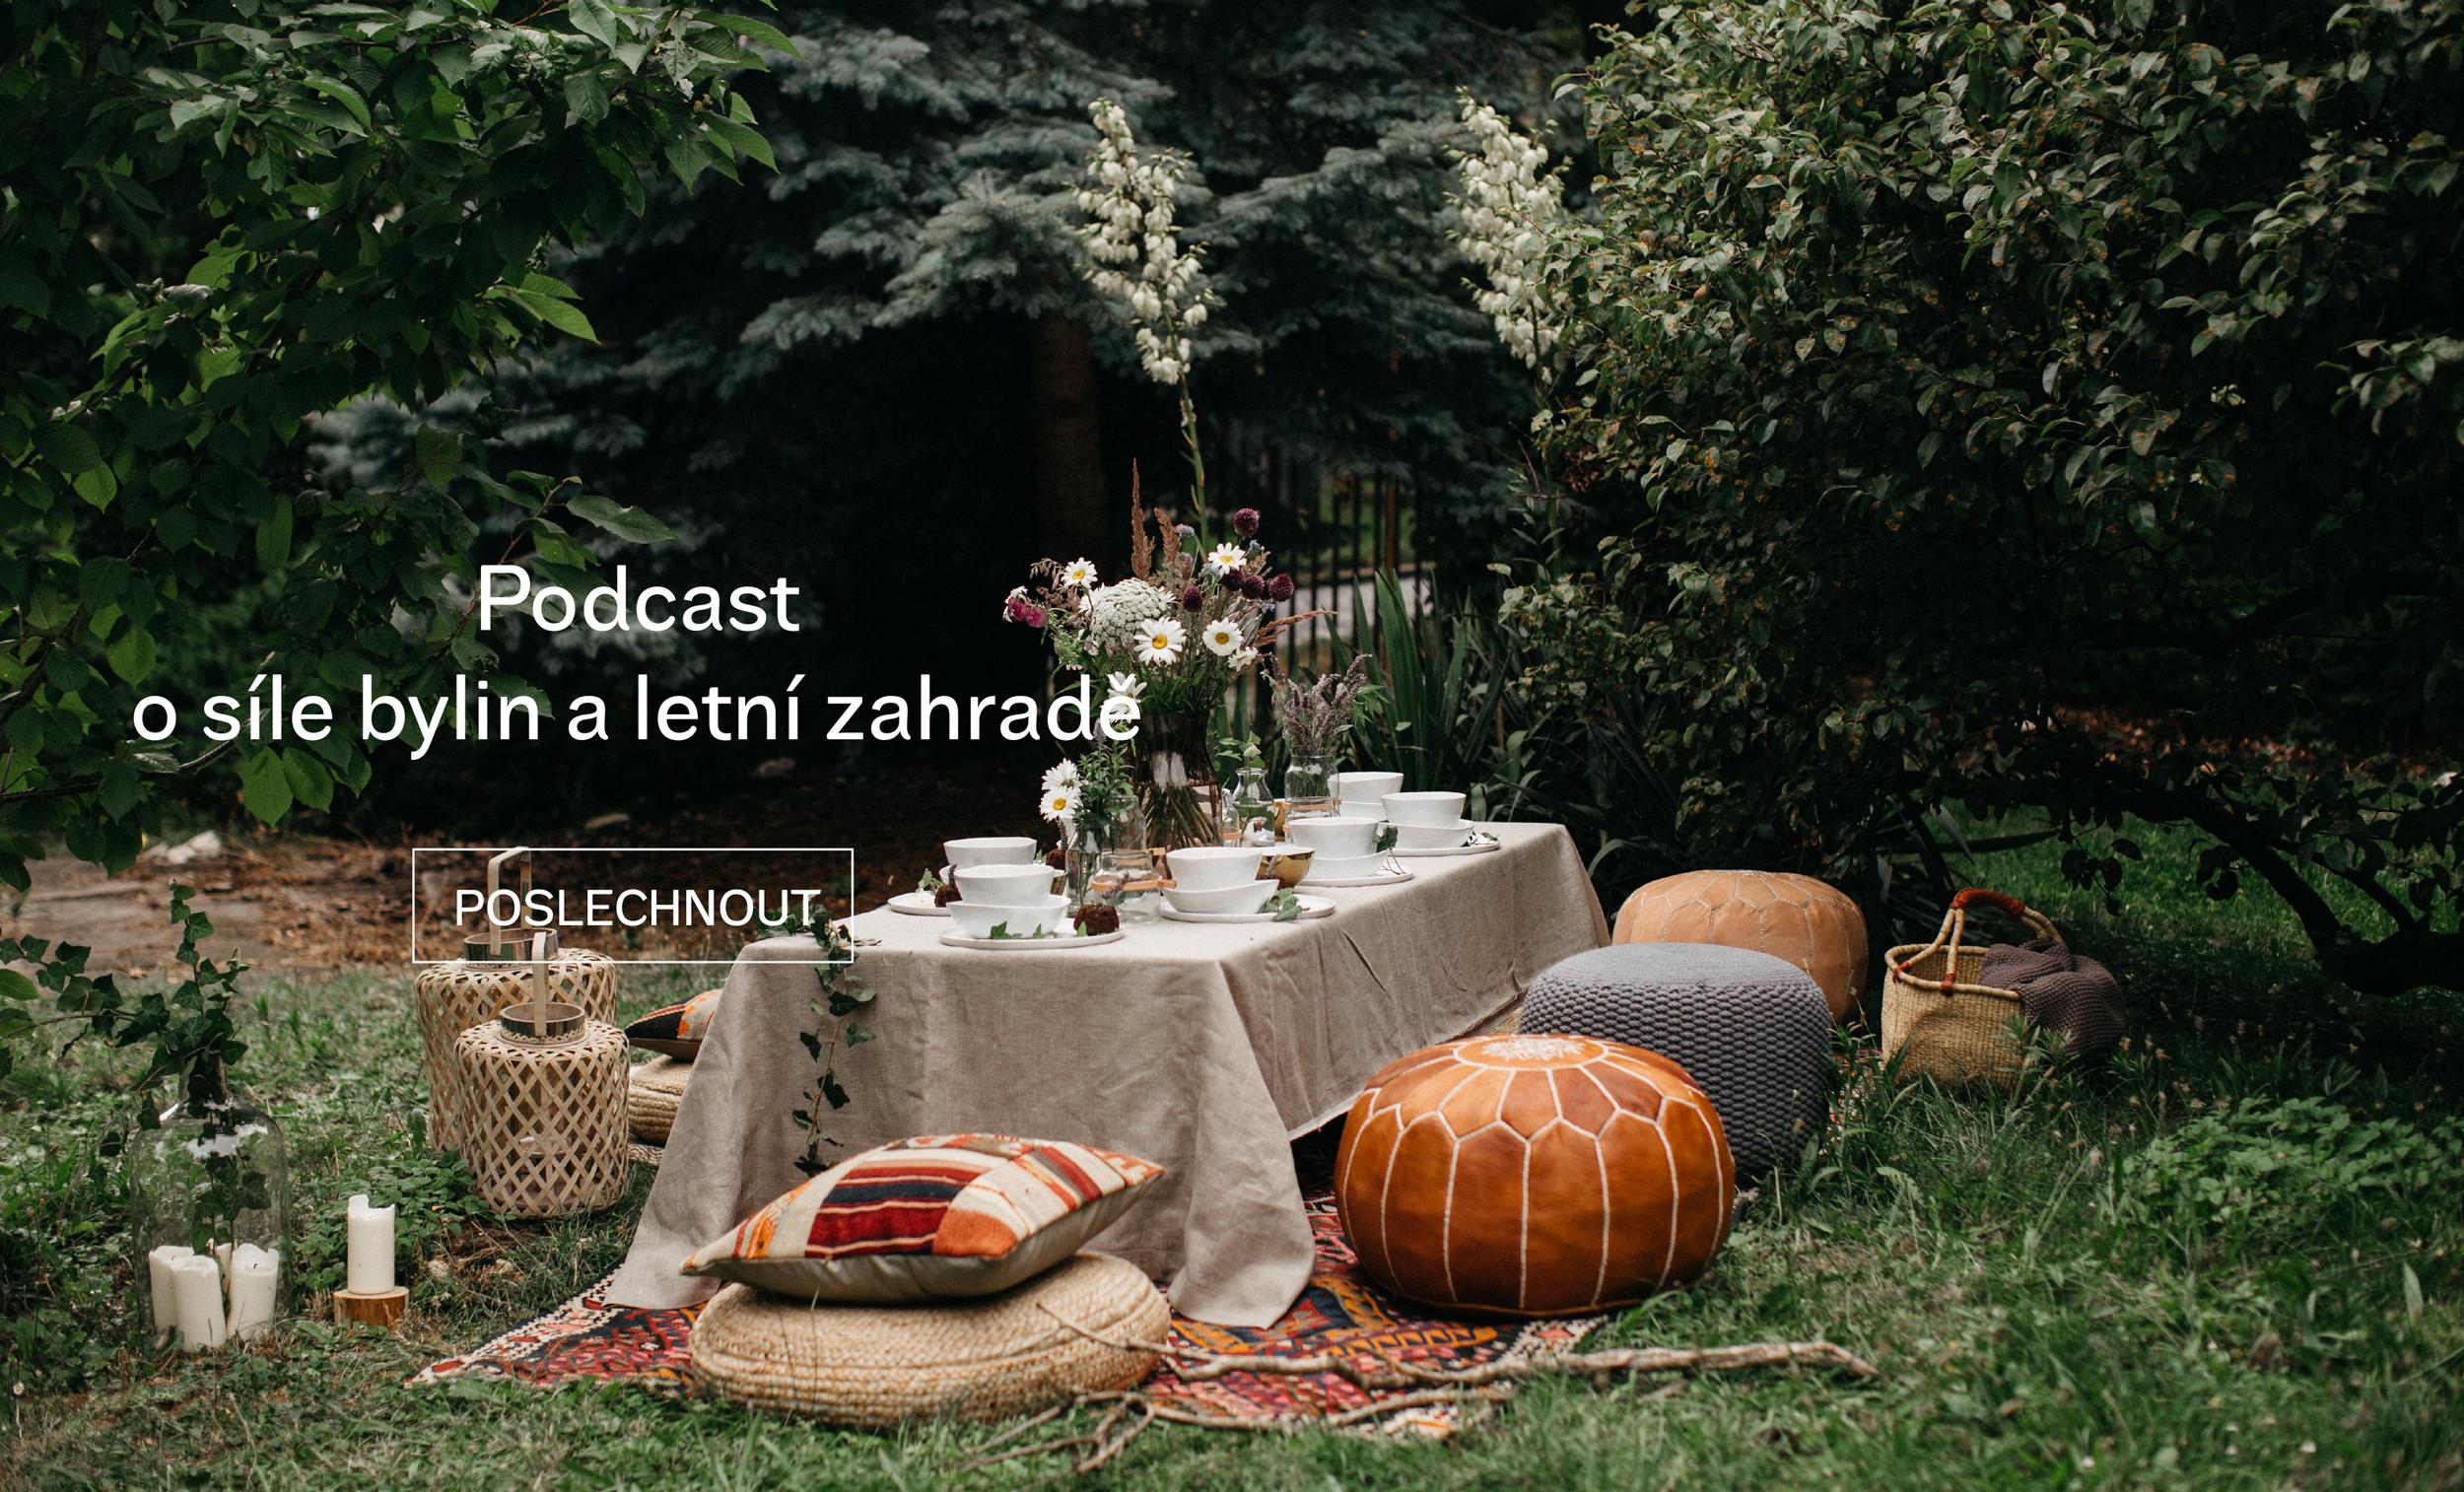 09_podcast.jpg